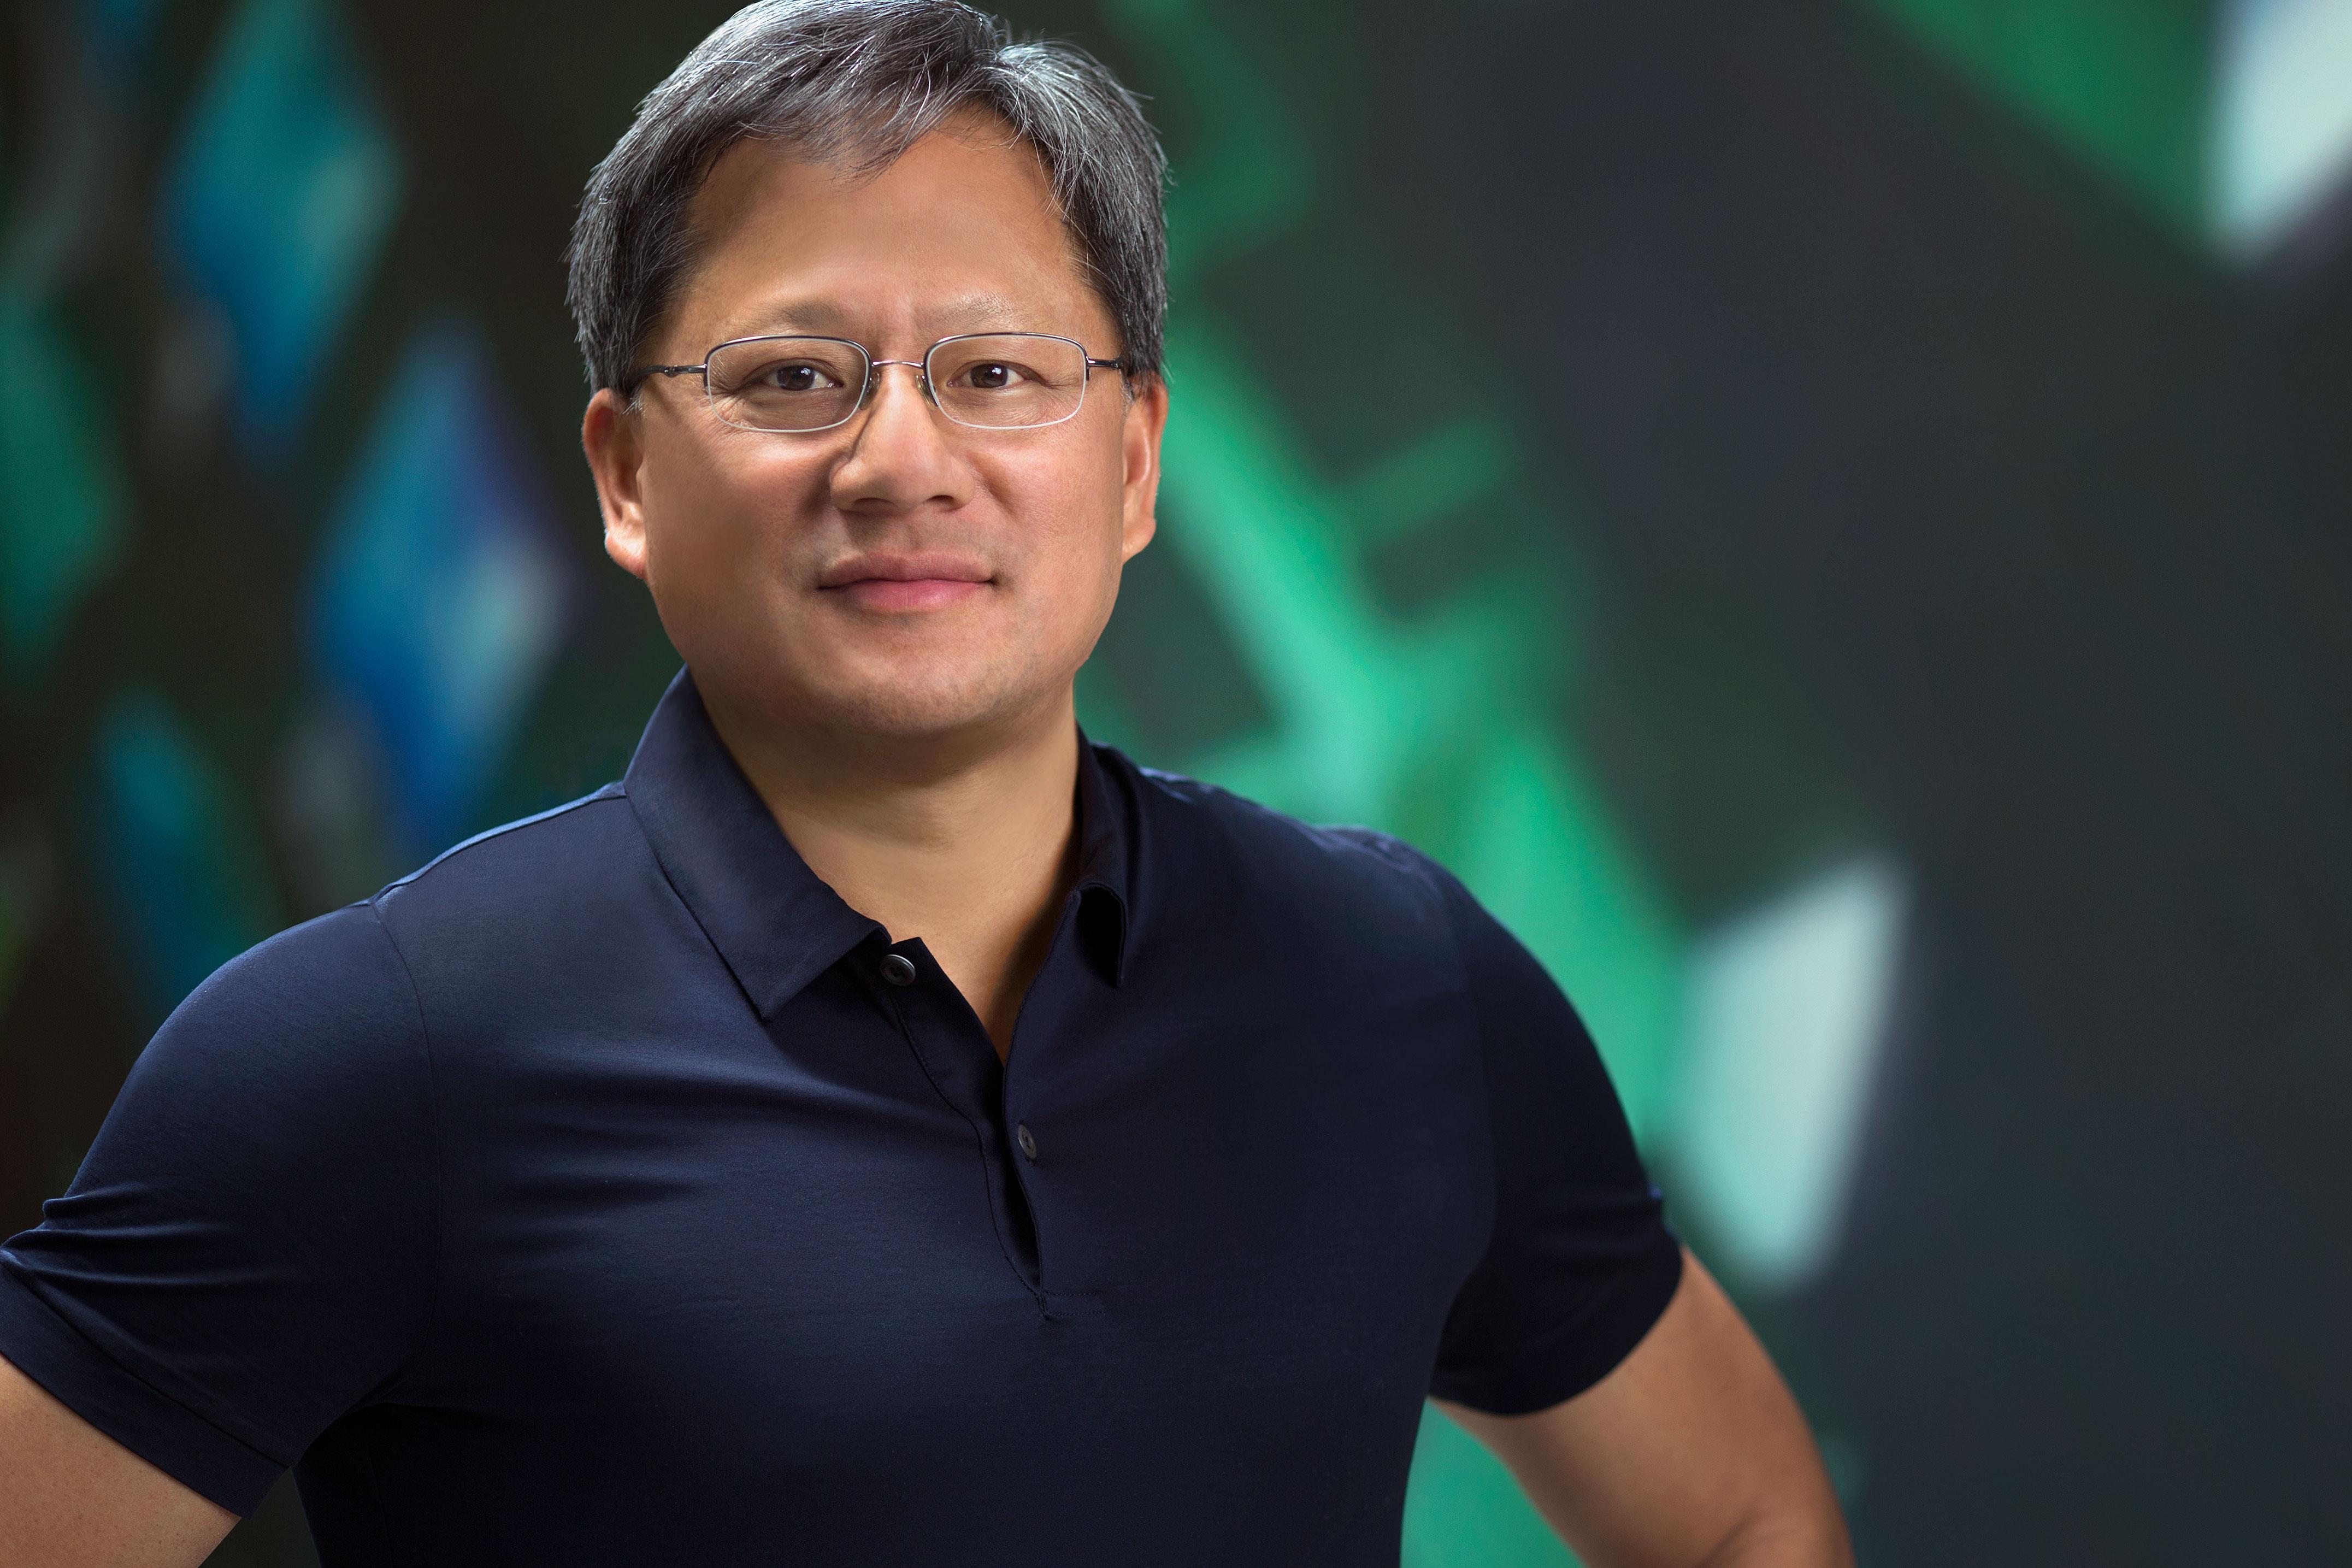 Jensen Huang Wikipedia